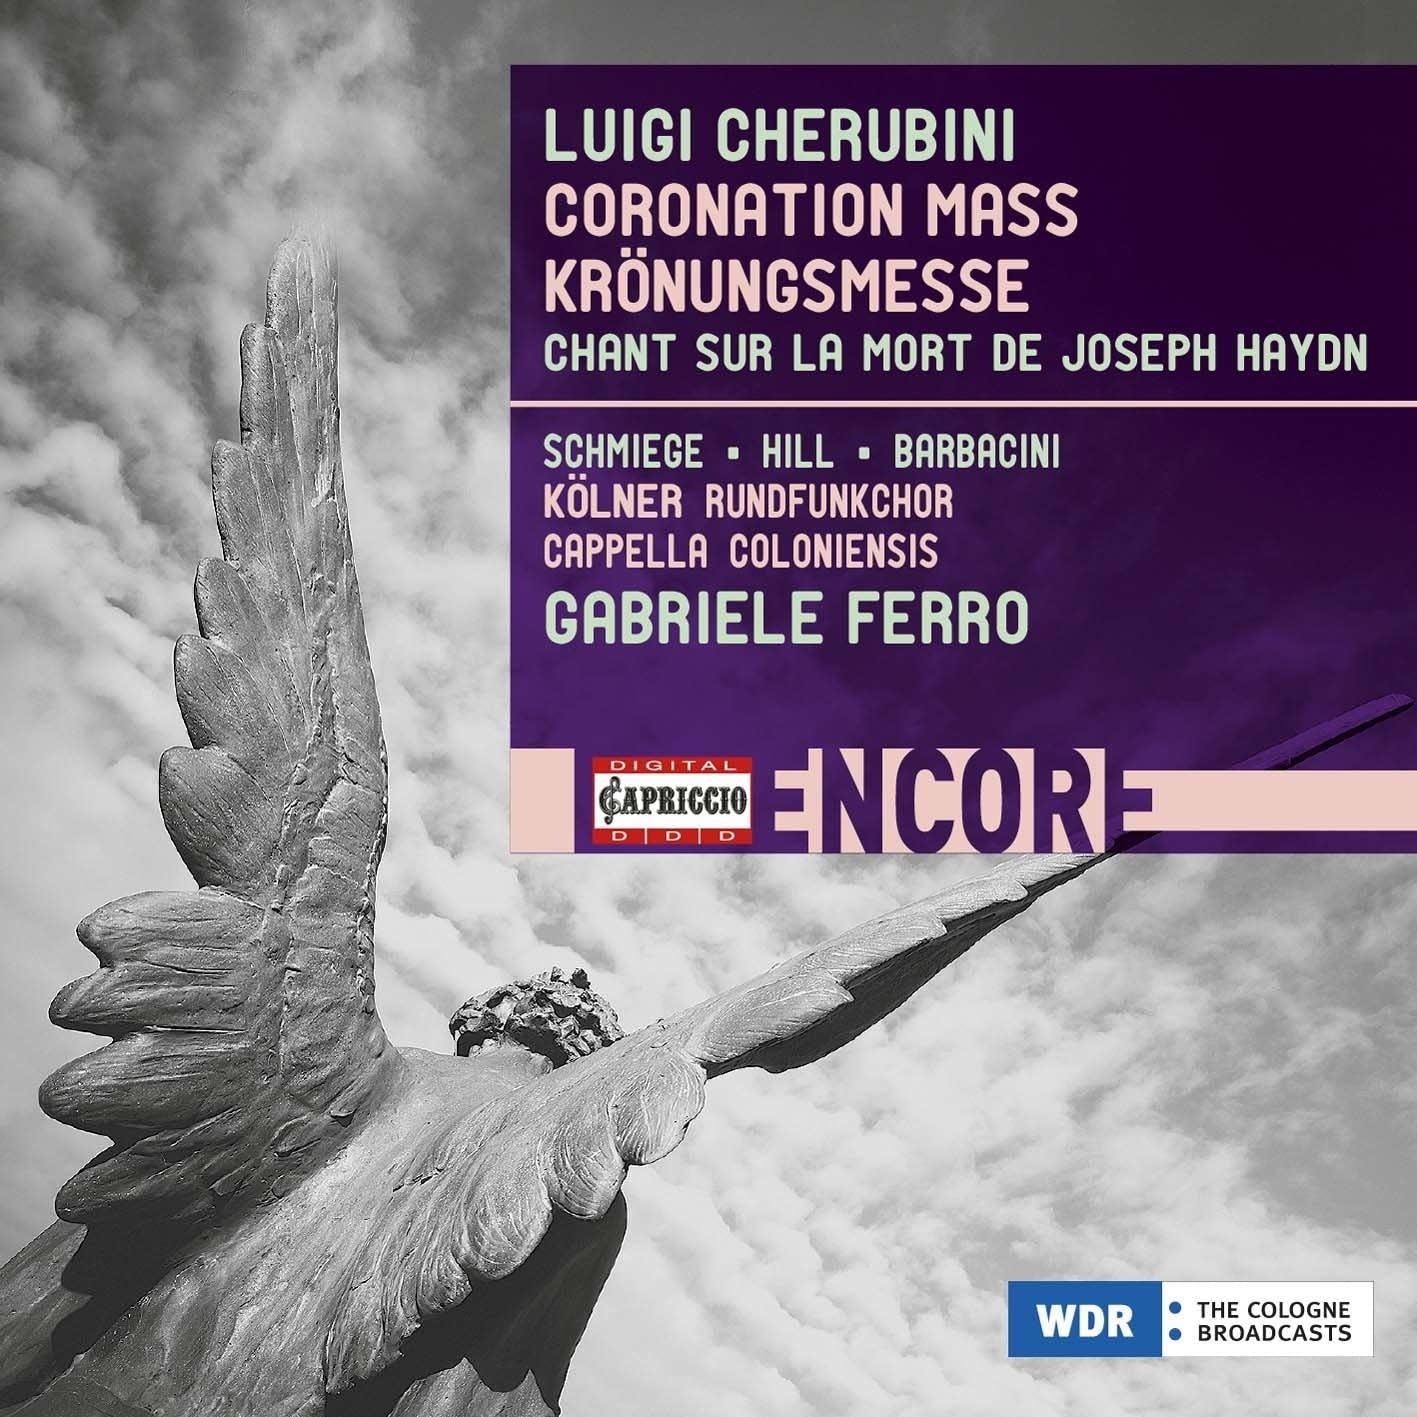 Cherubini - Chant sur la mort de Joseph Haydn